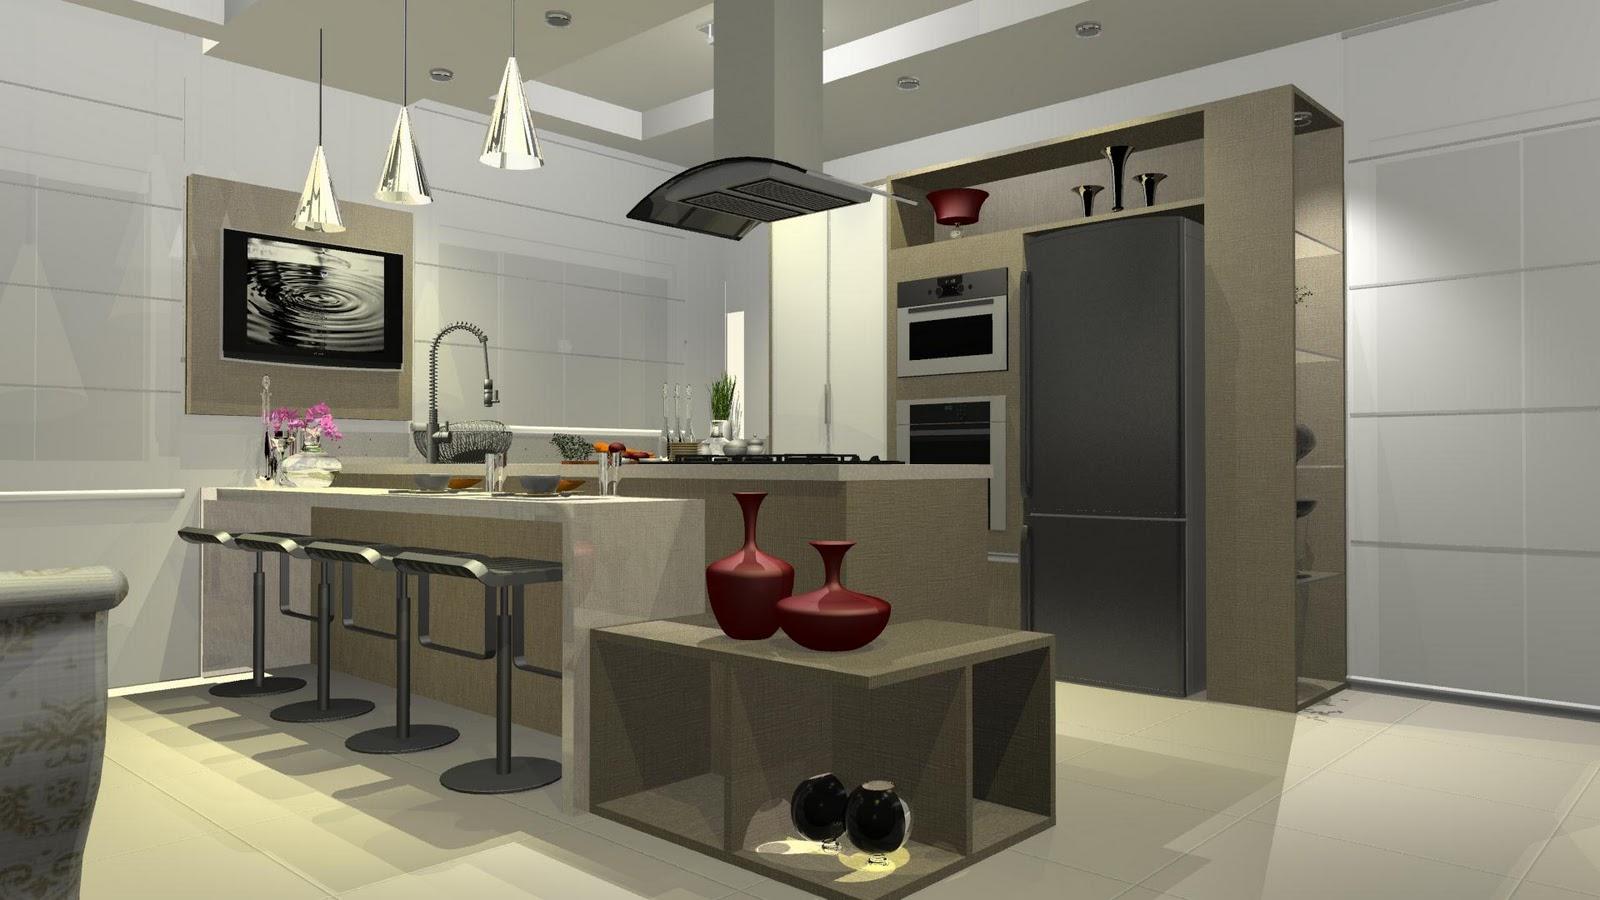 Wibamp Com Cozinha Pequena Gourmet Id Ias Do Projeto Da Cozinha